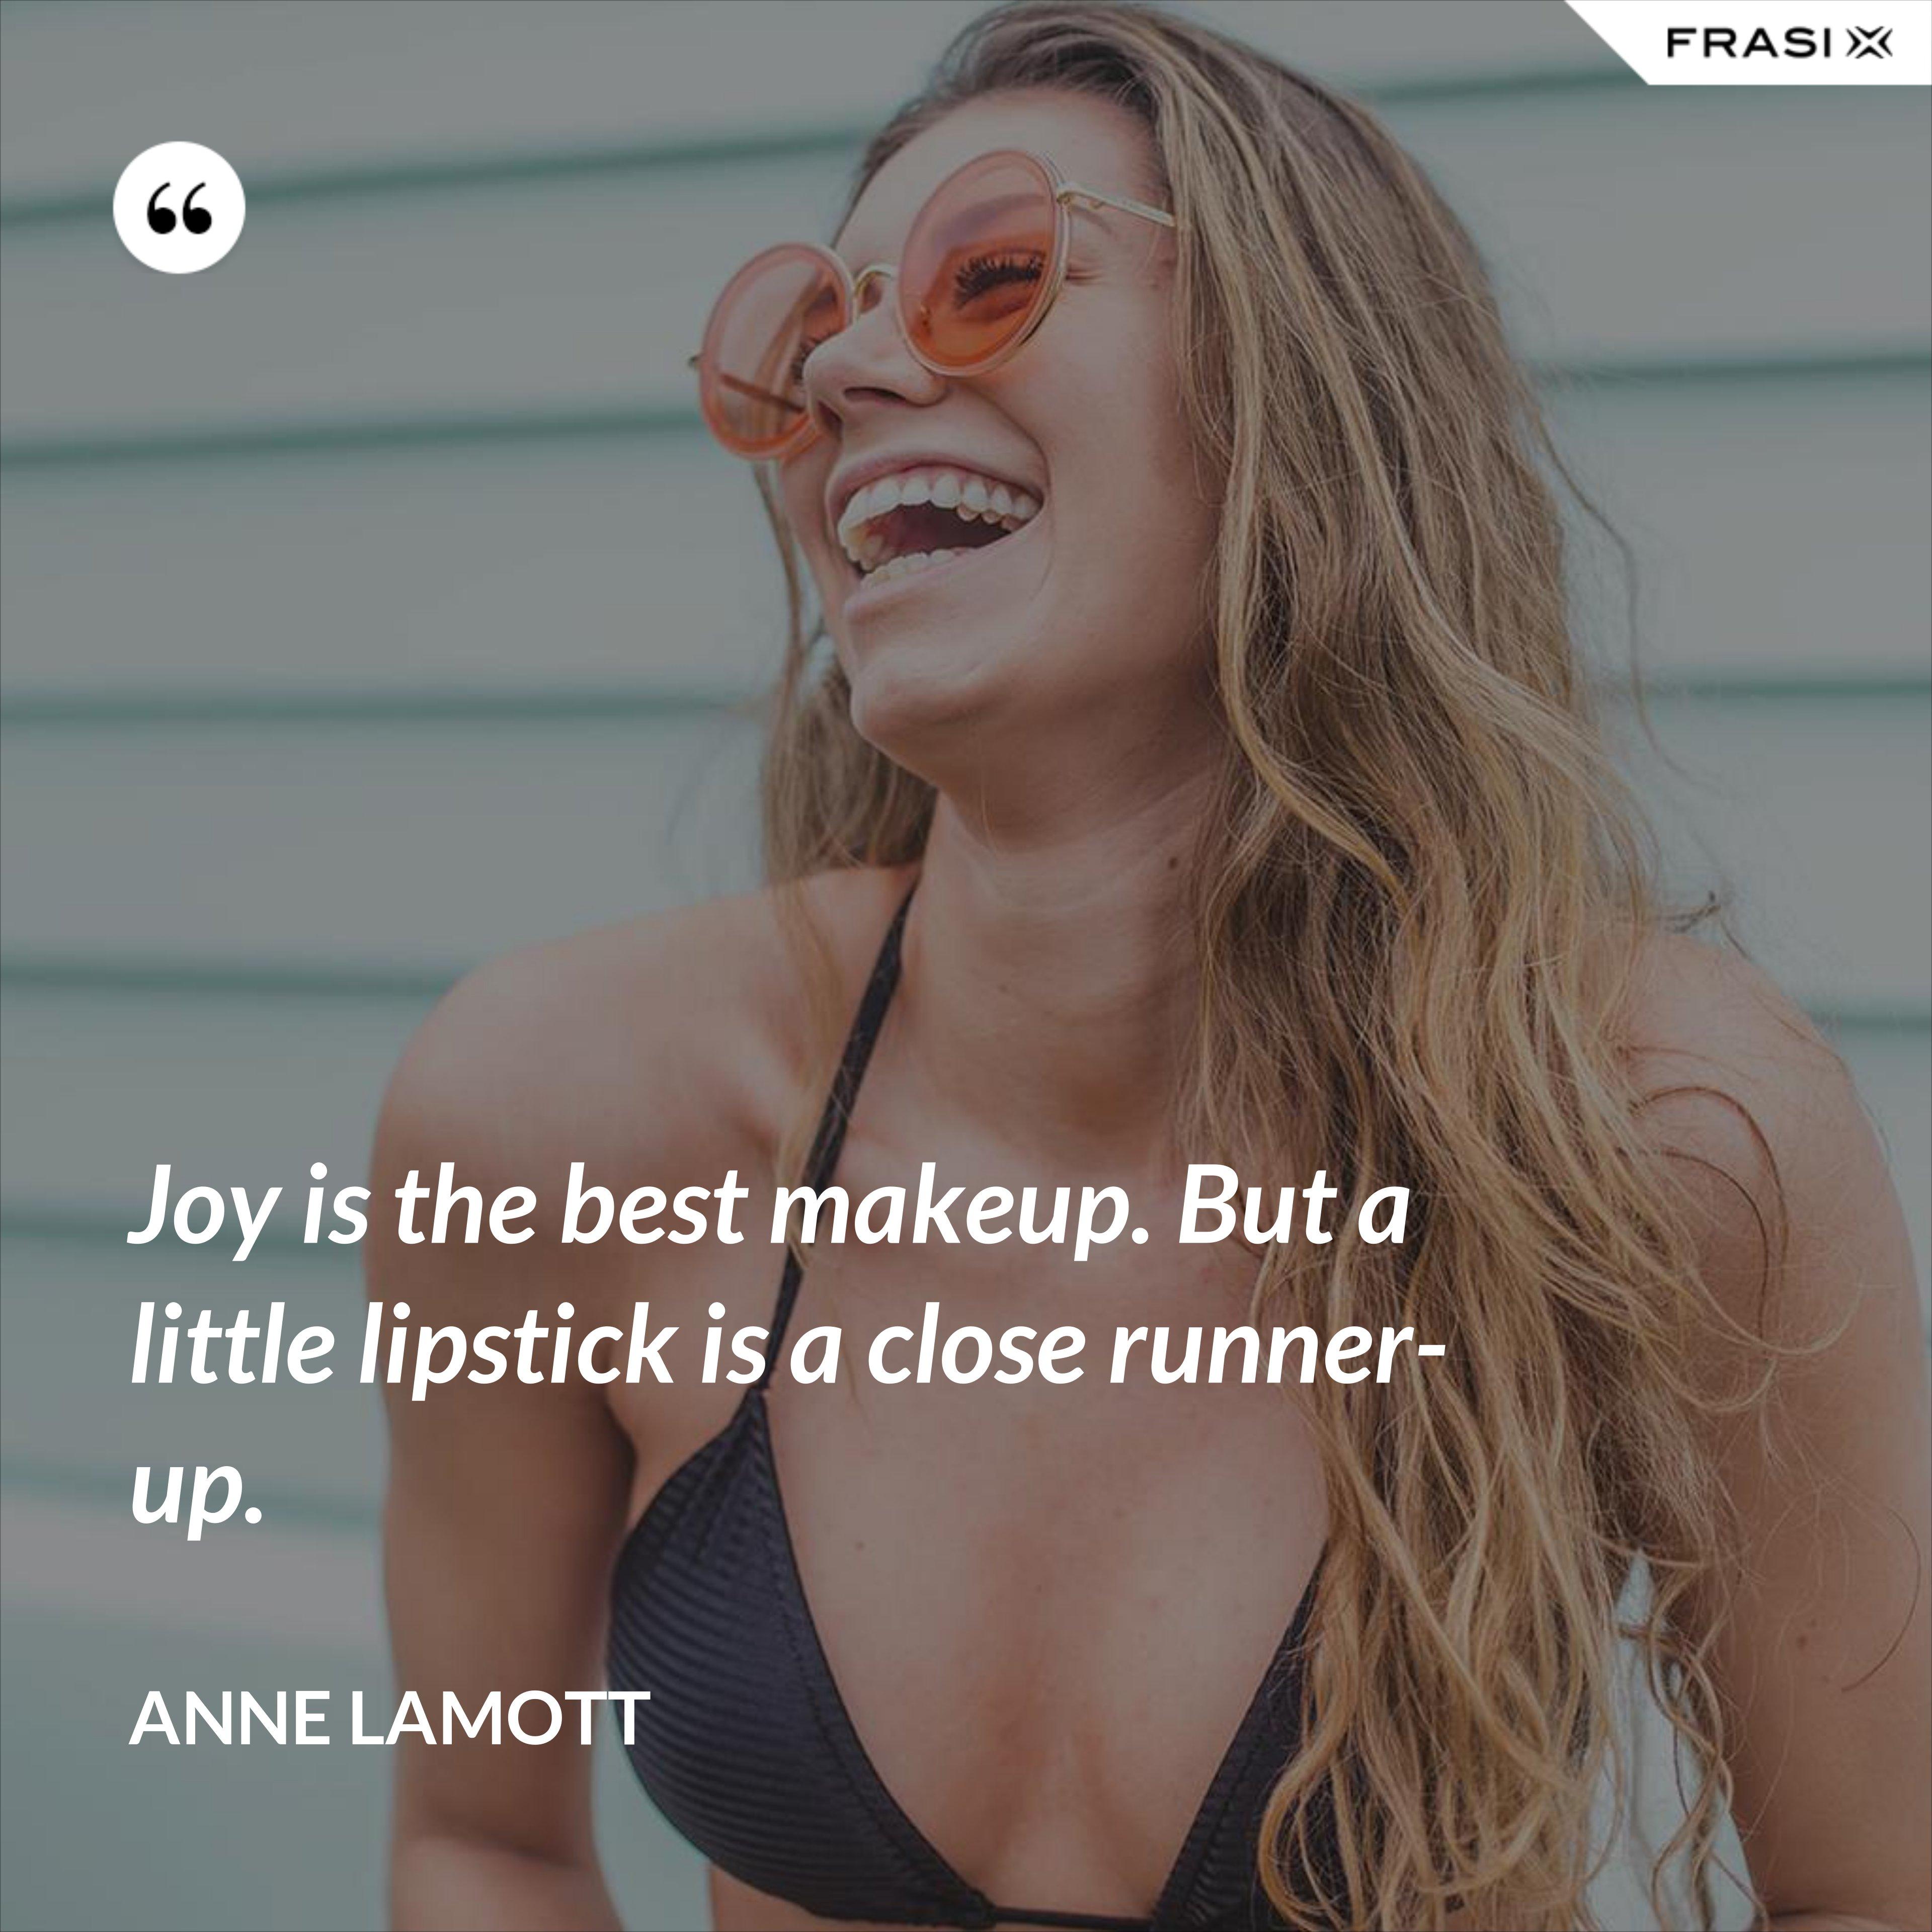 Joy is the best makeup. But a little lipstick is a close runner-up. - Anne Lamott